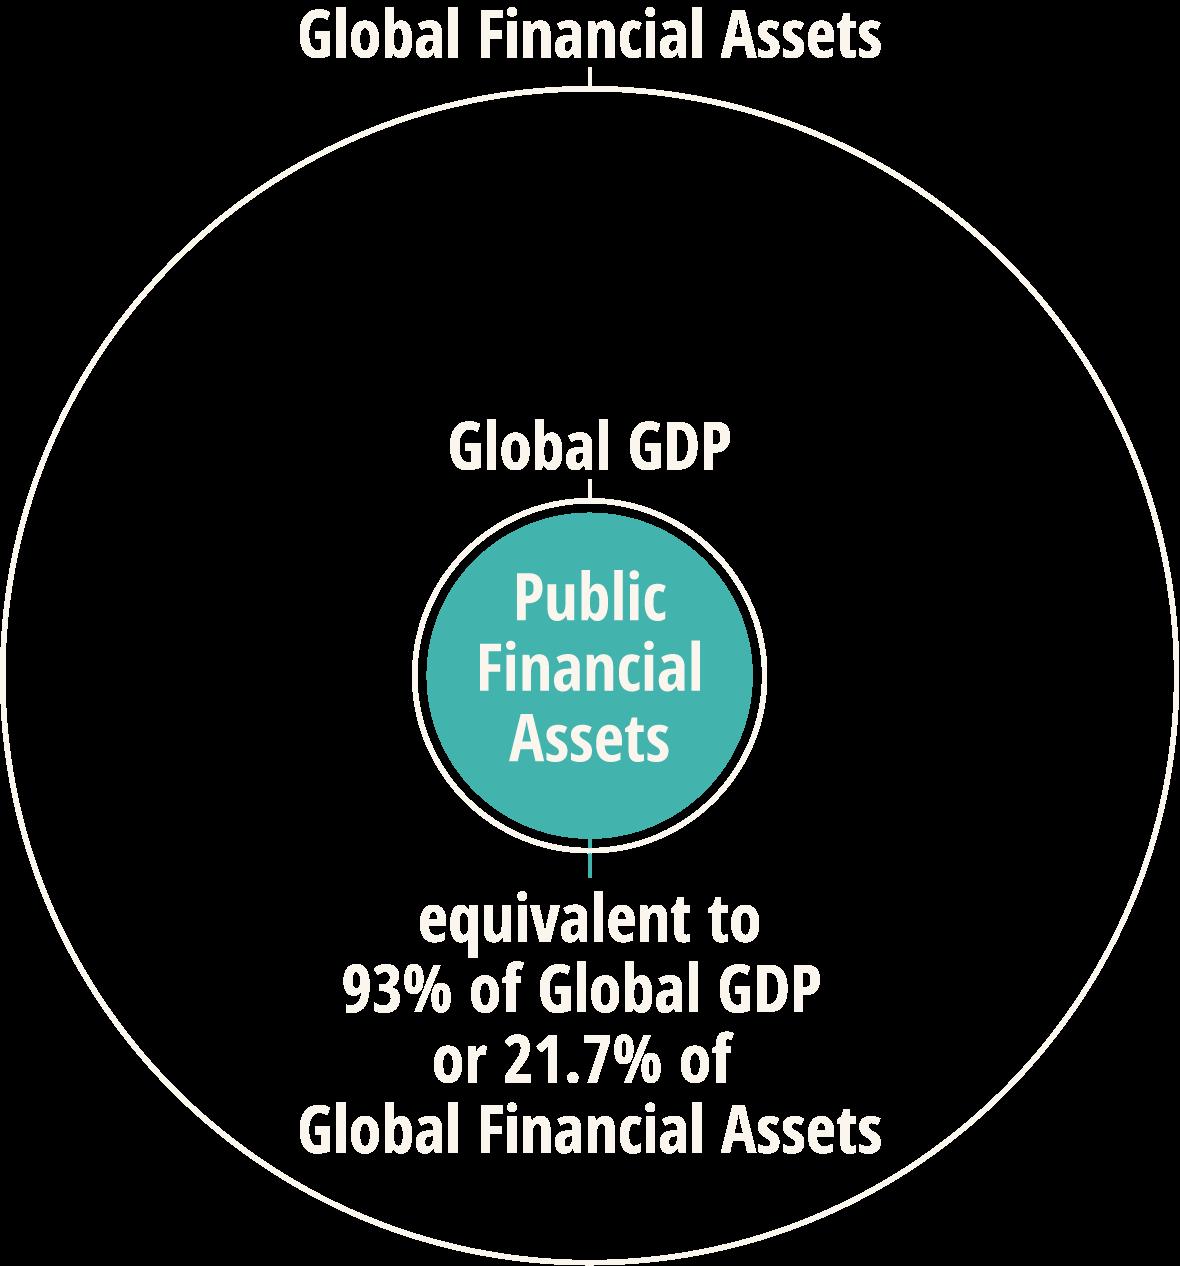 public-financial-assets